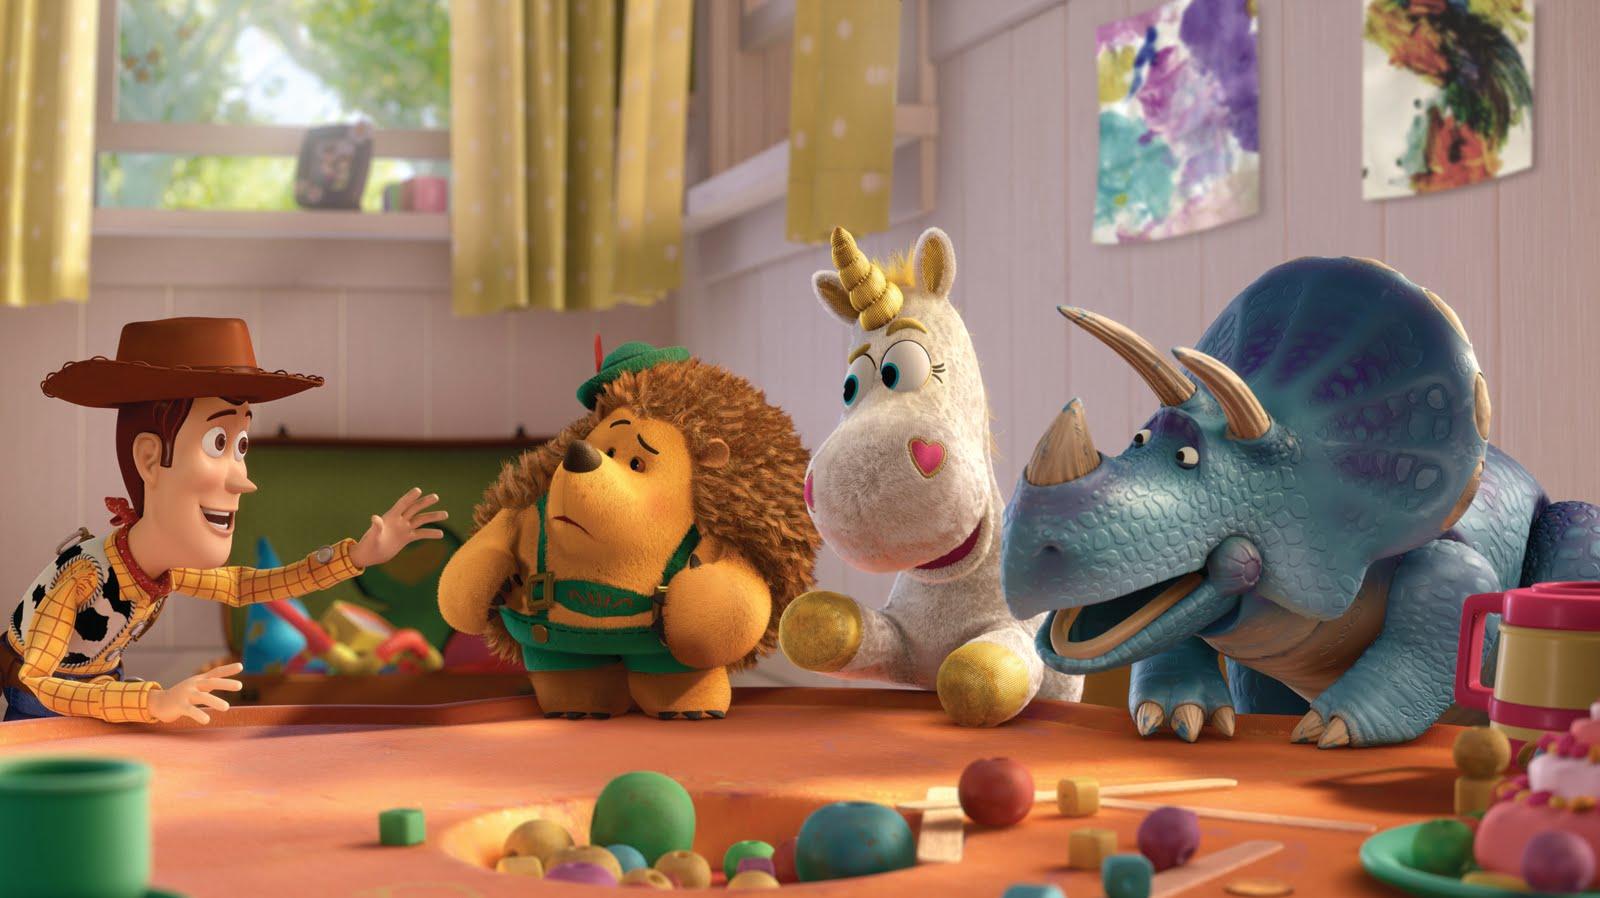 Cine Informacion y mas  Disney Pixar - Toy Story 3 se convierte en ... b813d255bf2